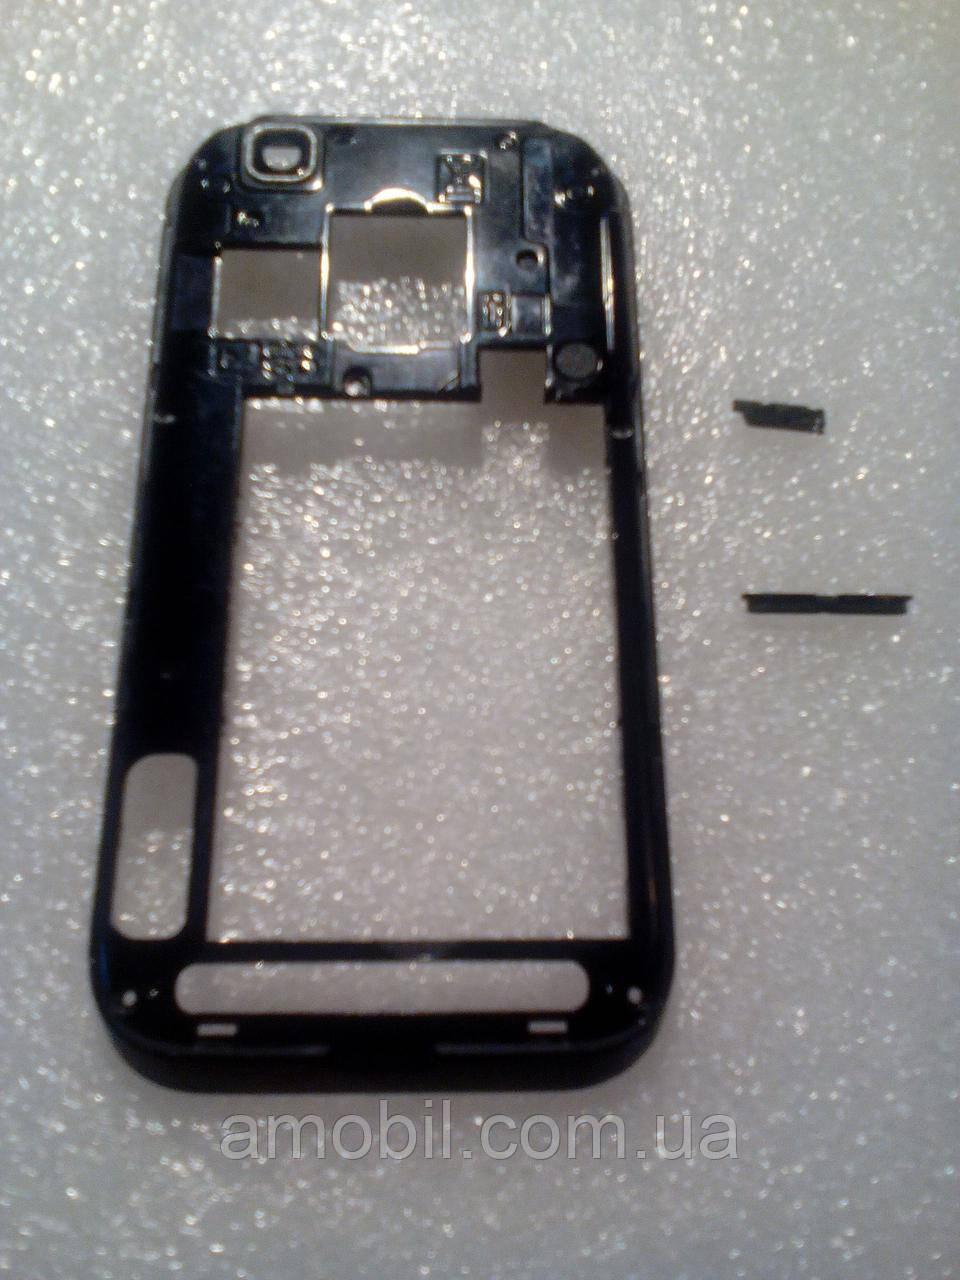 Средняя часть корпуса LG Optimus Sol E730 с кнопками orig